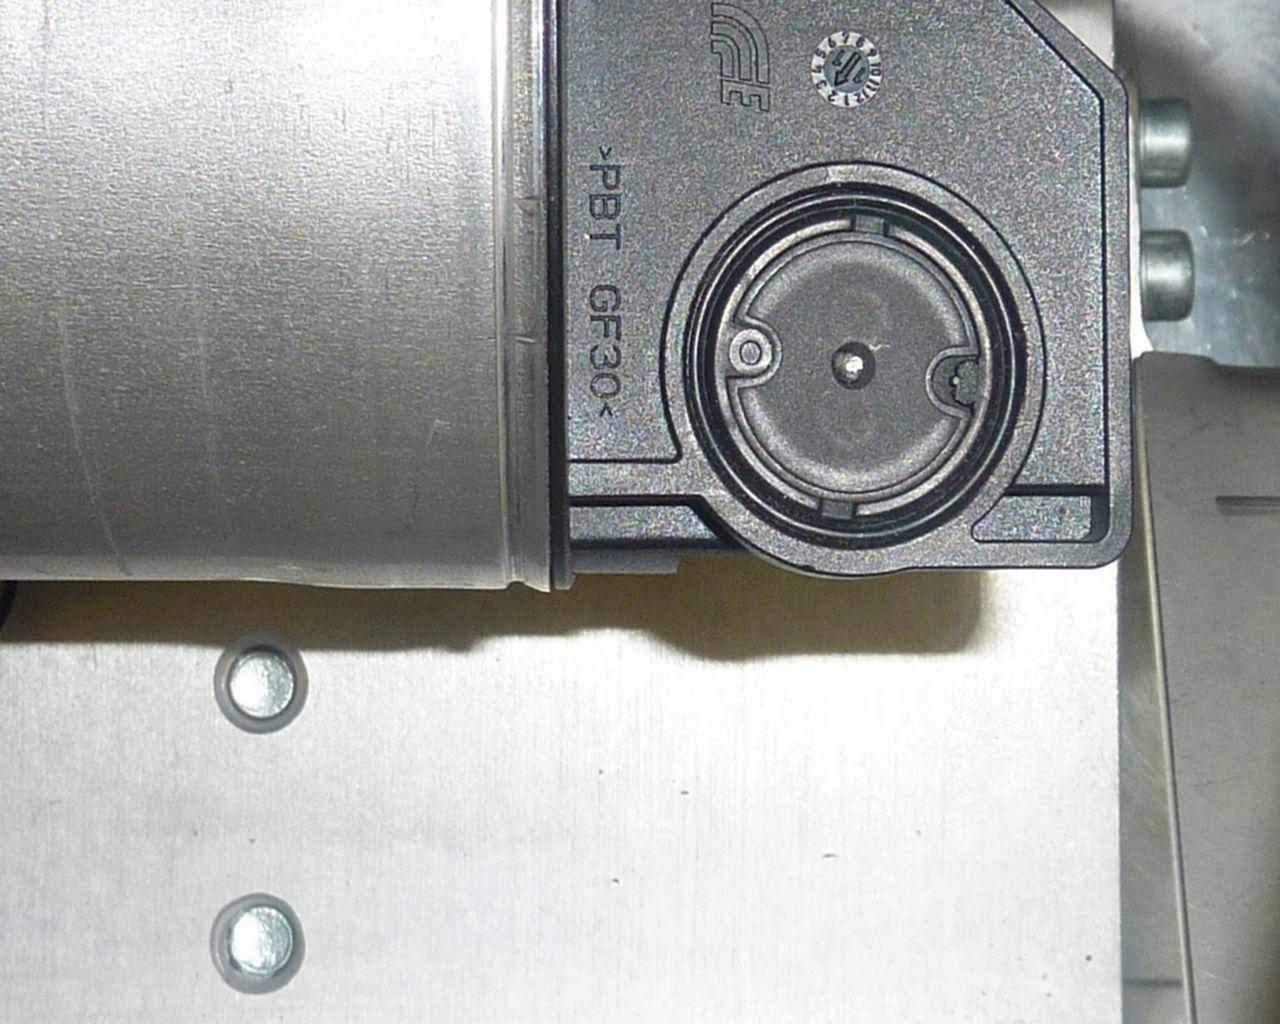 vexis00120